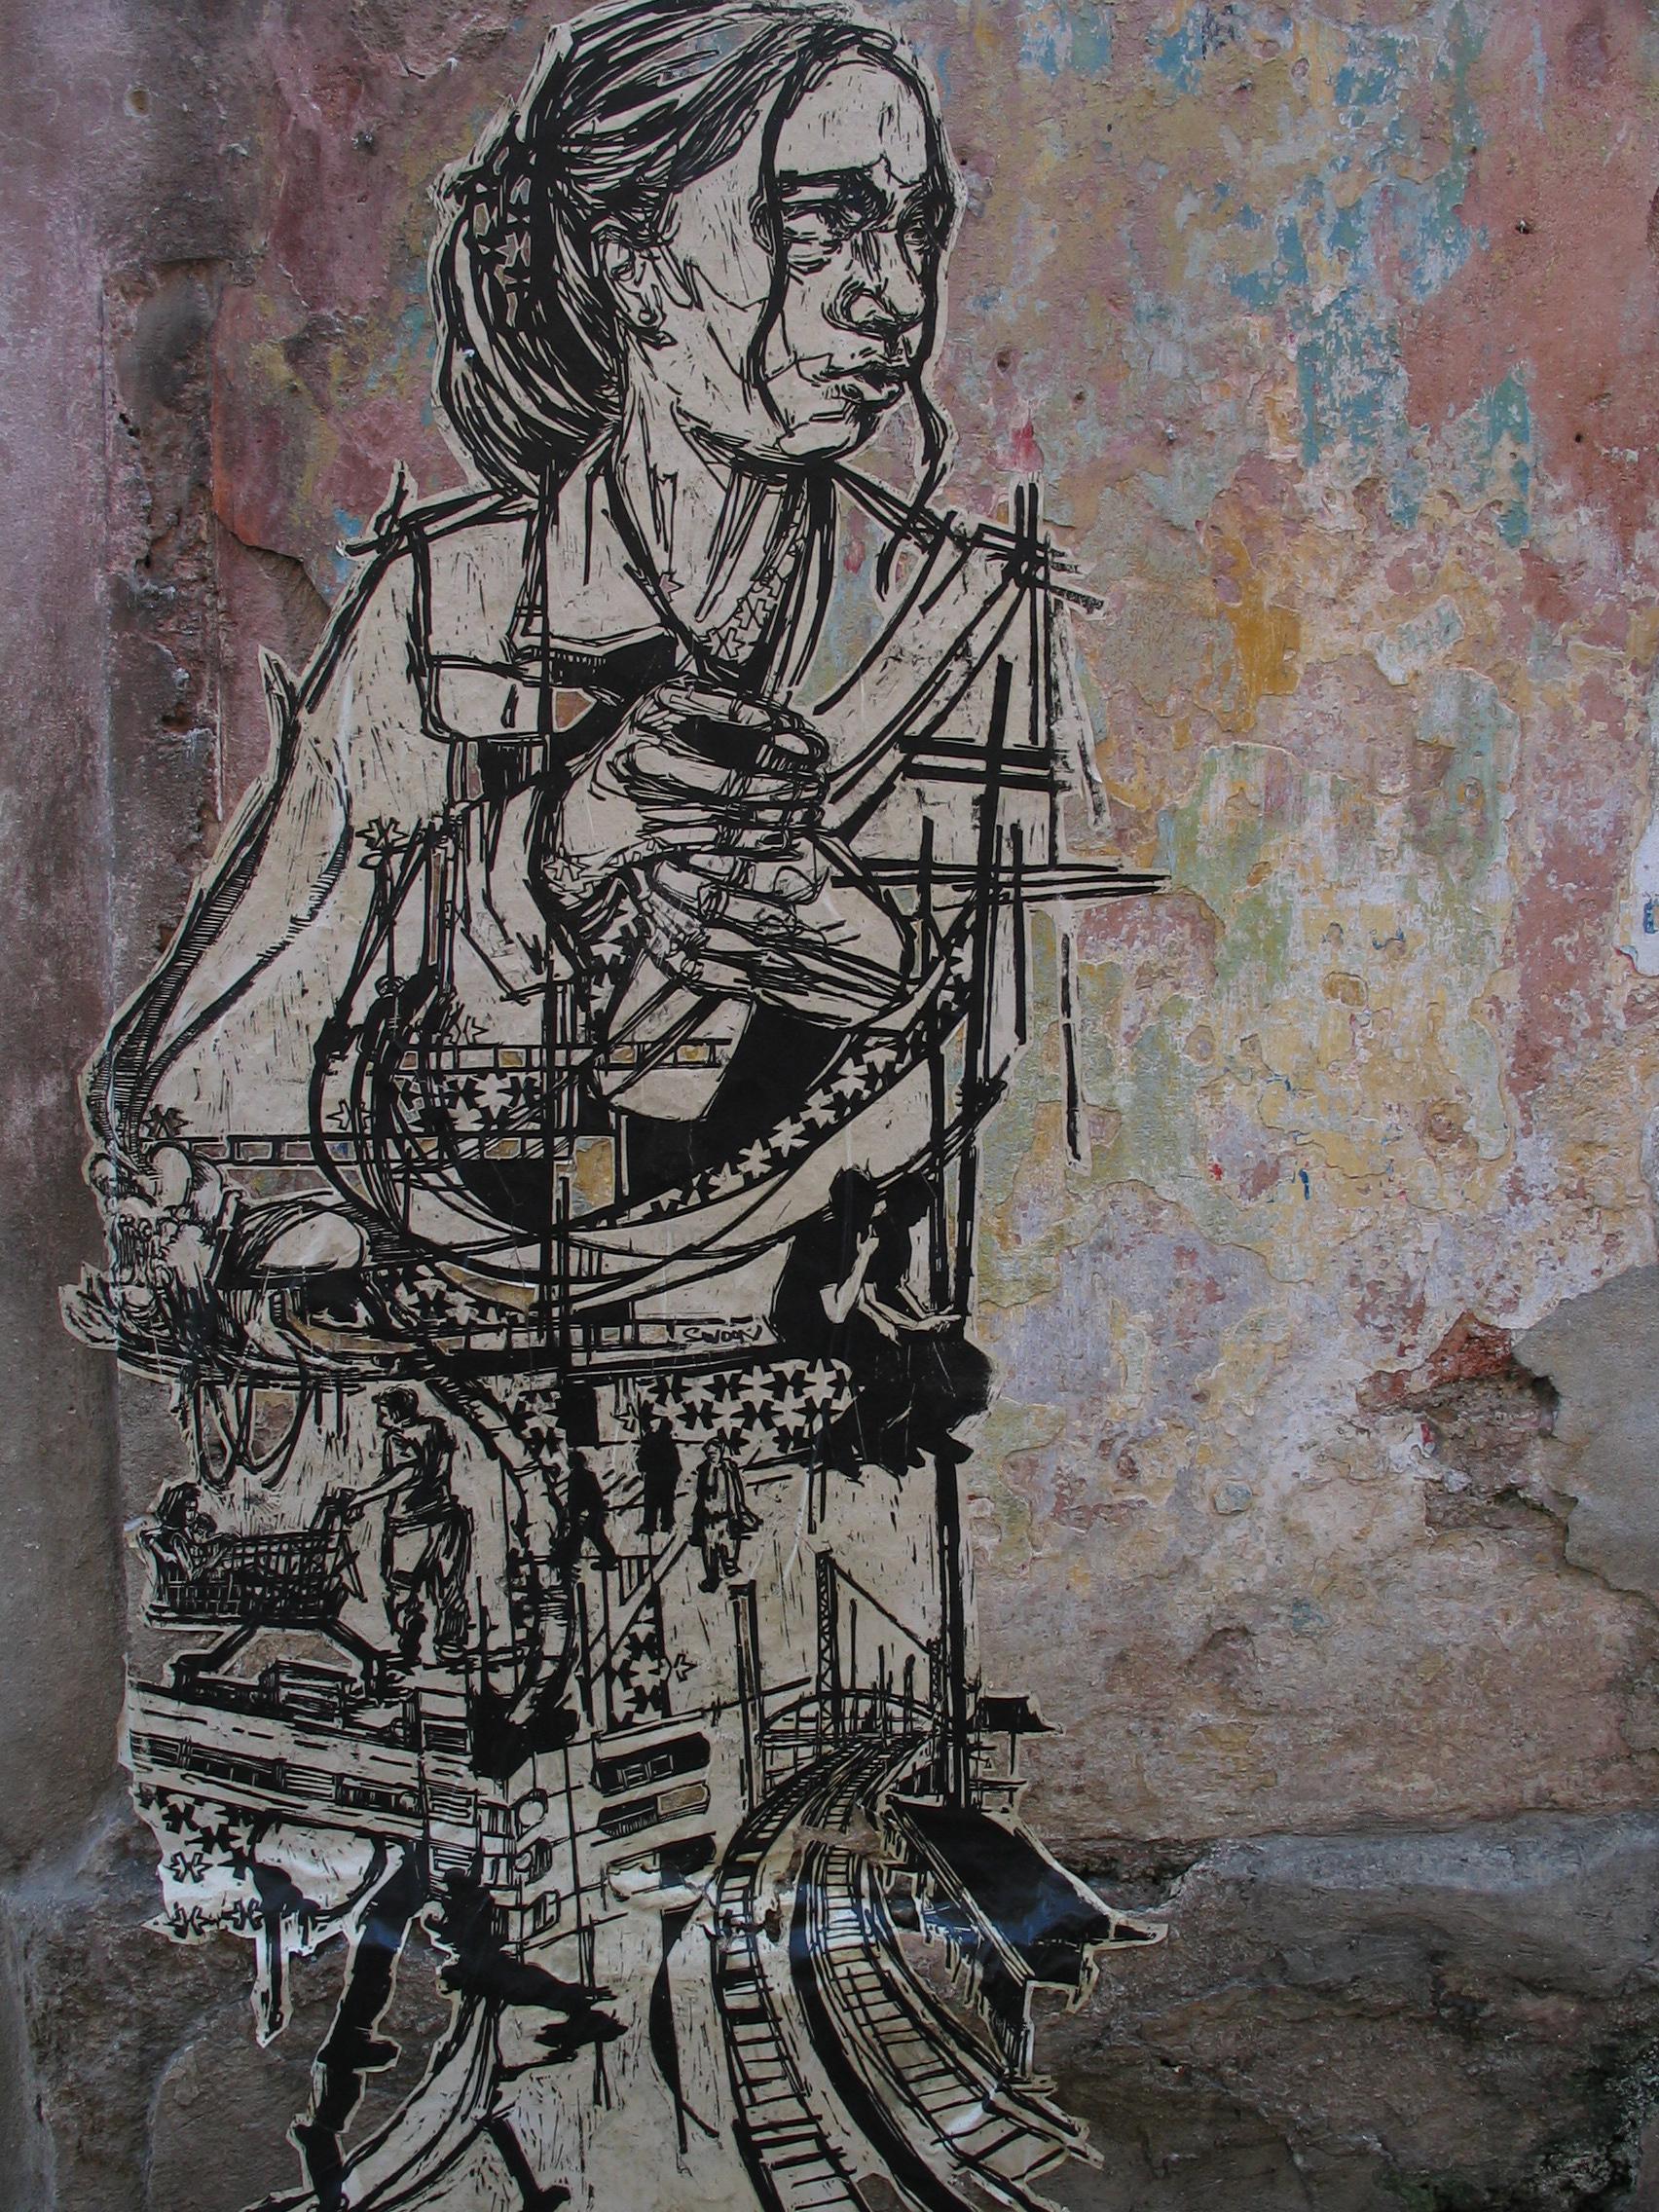 Cuba, 2003